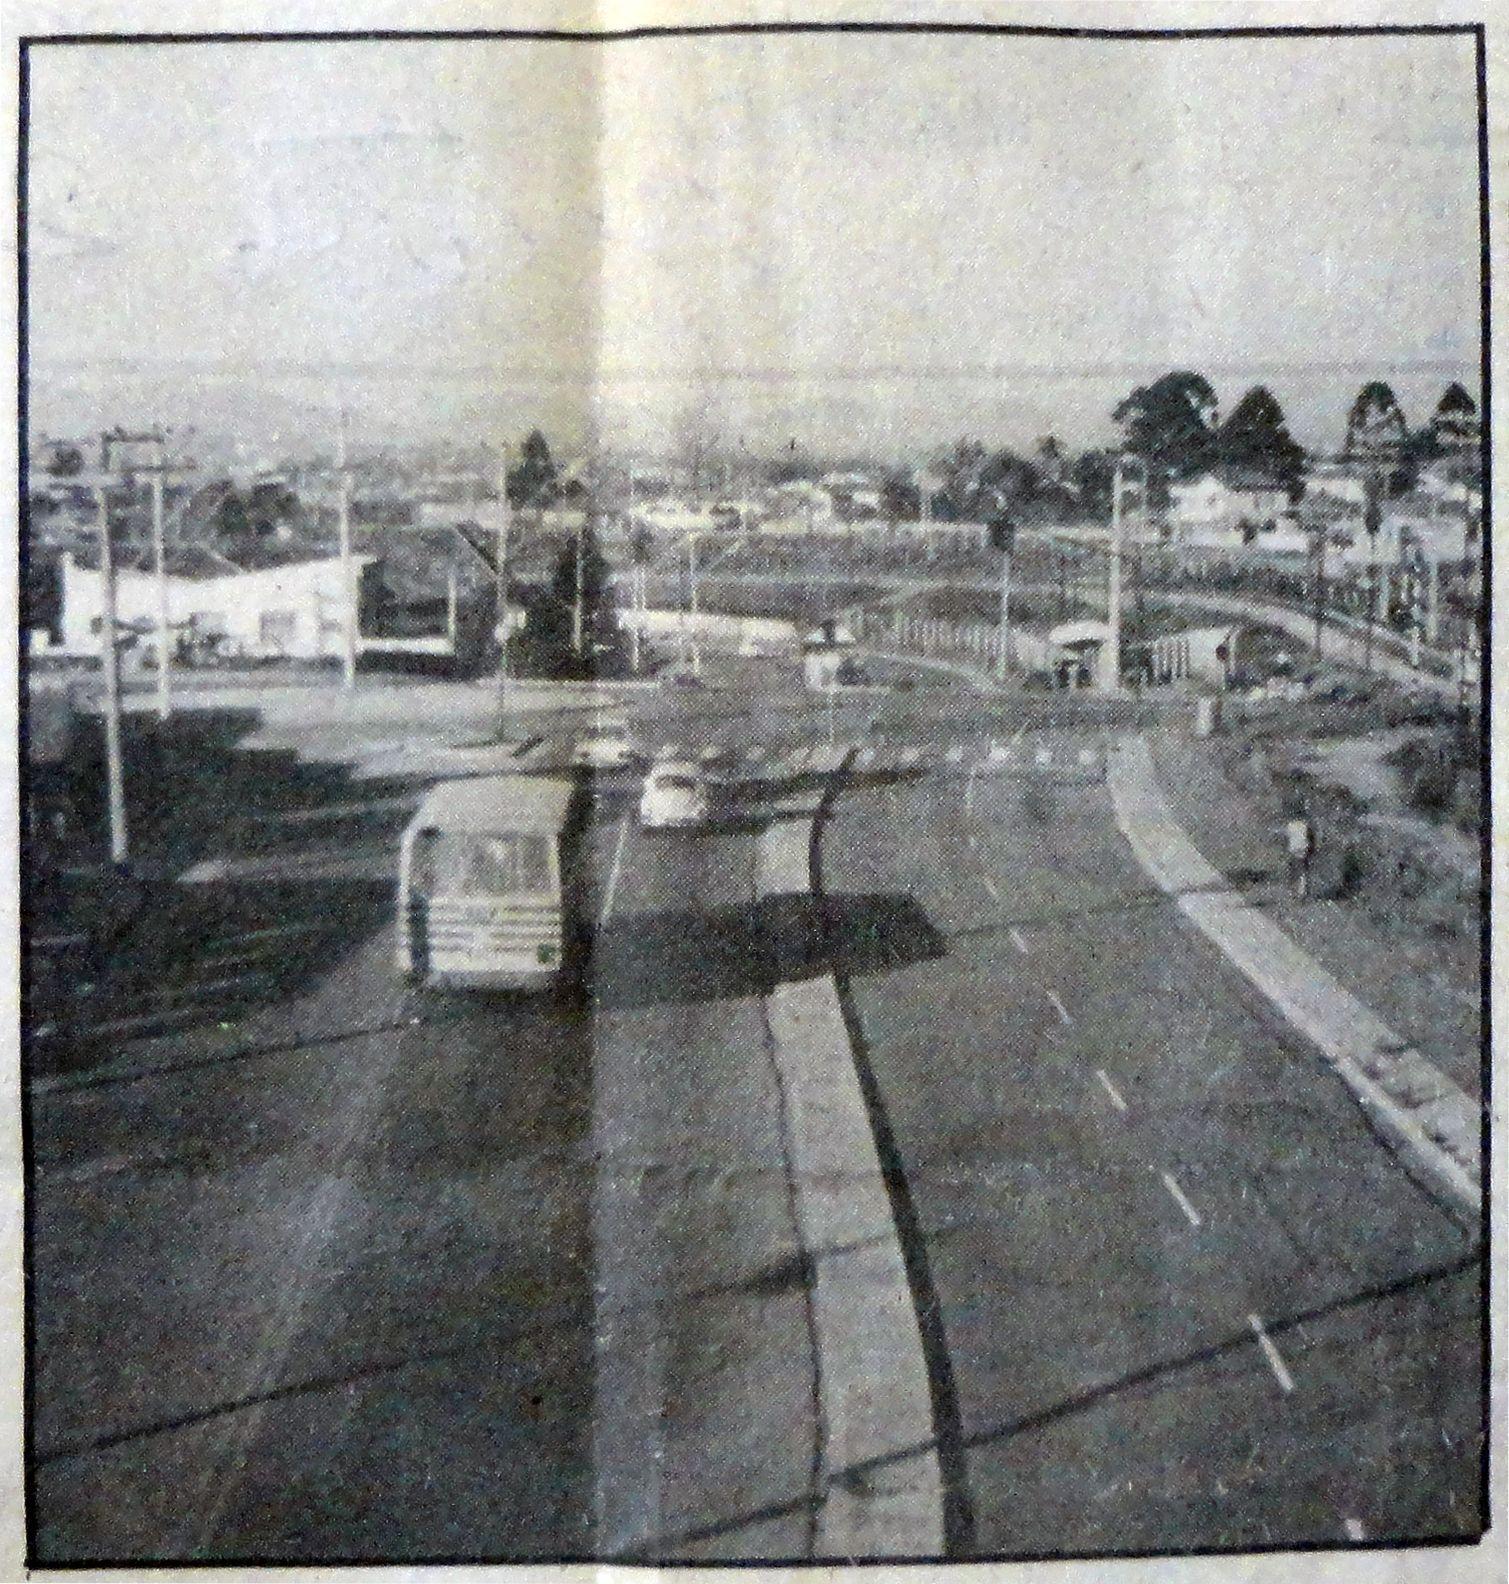 Avenida Presidente Affonso Camargo na altura da Rua Antônio Olivio Rodrigues. Cajuru/Capão da Imbuia. 24/05/1982.